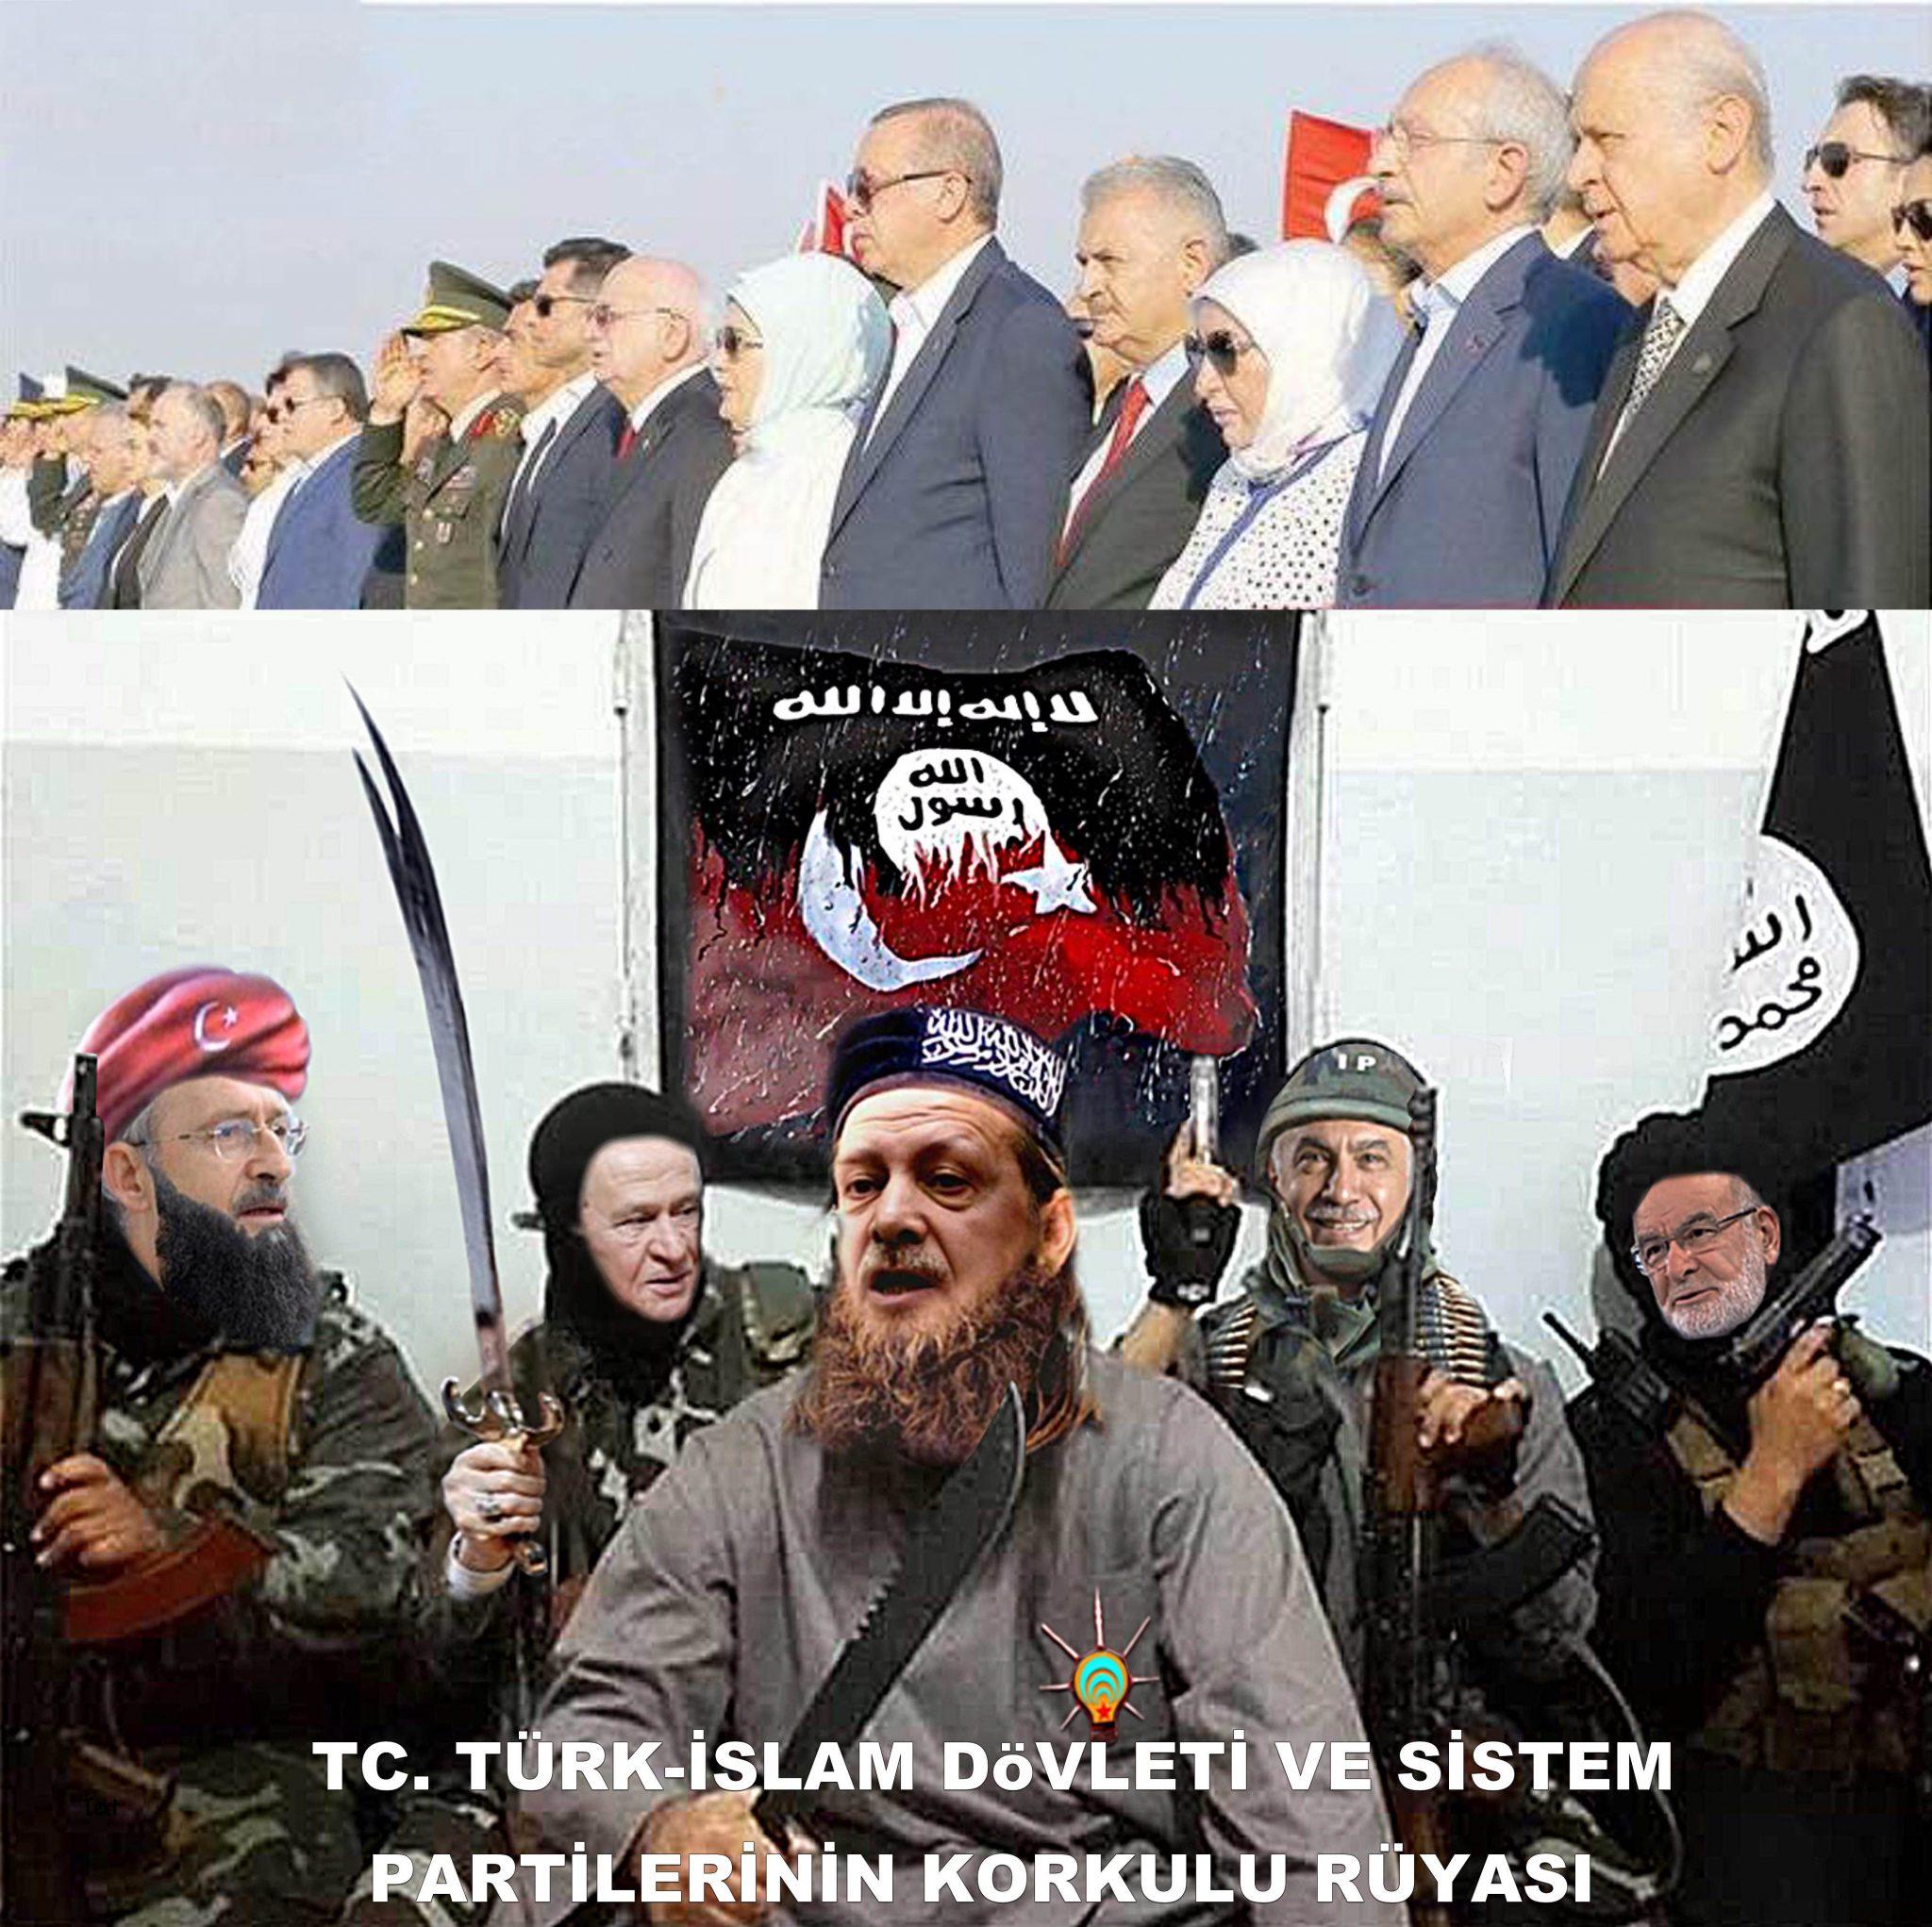 tc TÜRK-İSLAM devleti sistem partileri korkulu rüyası